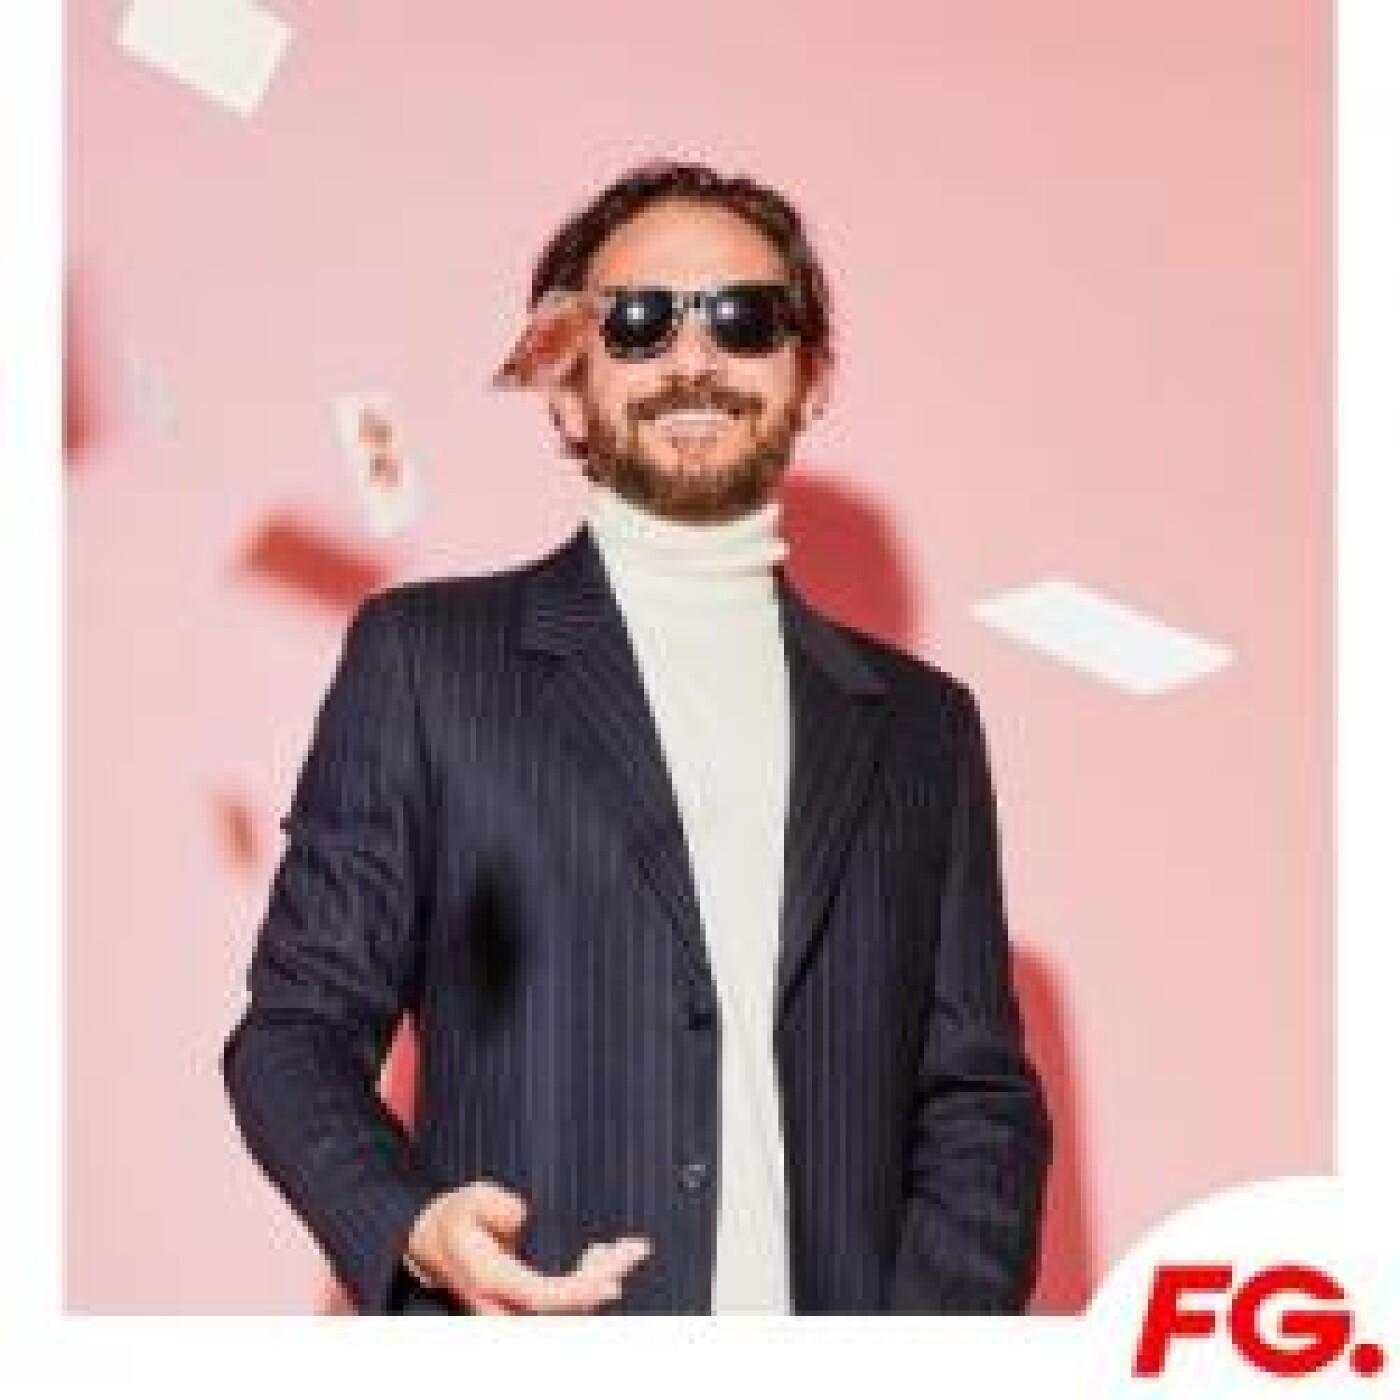 CLUB FG : THE MAGICIAN